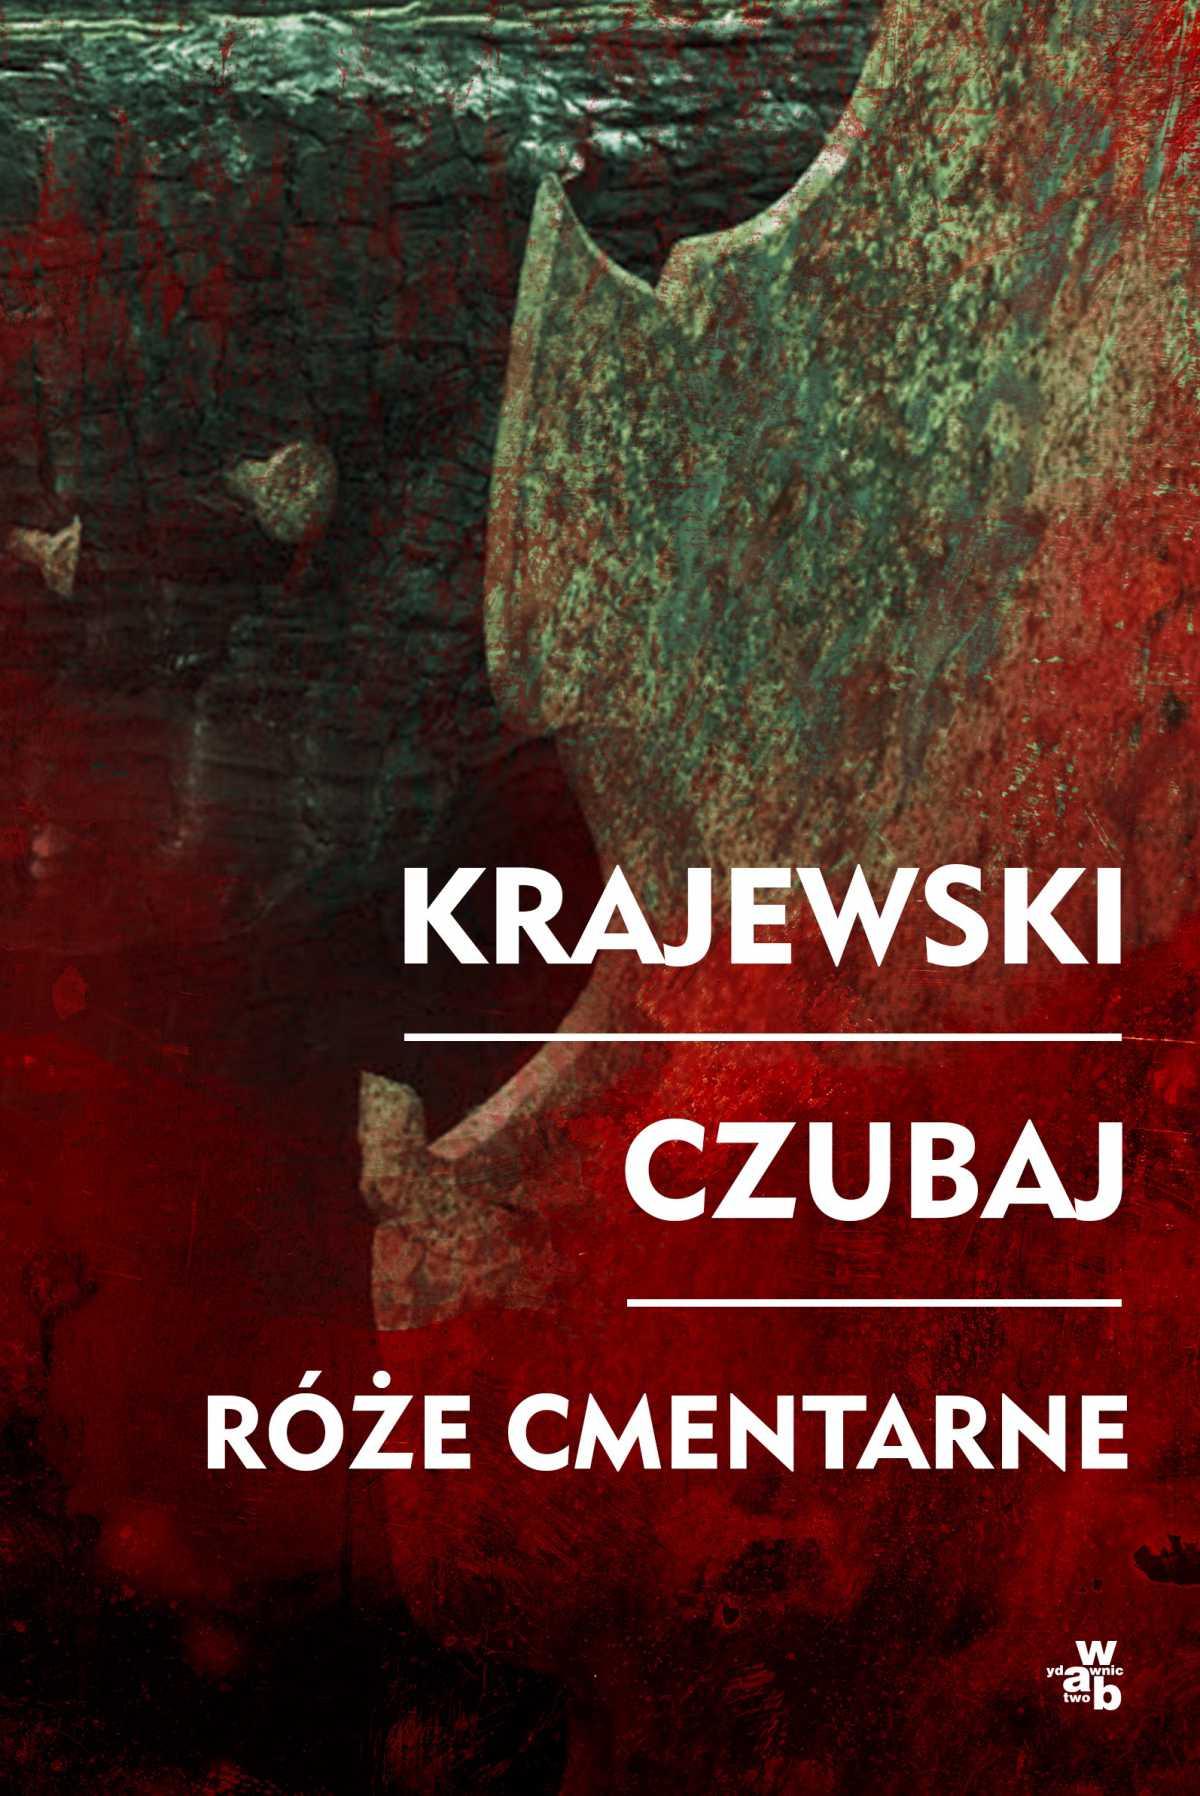 Róże cmentarne - Ebook (Książka EPUB) do pobrania w formacie EPUB